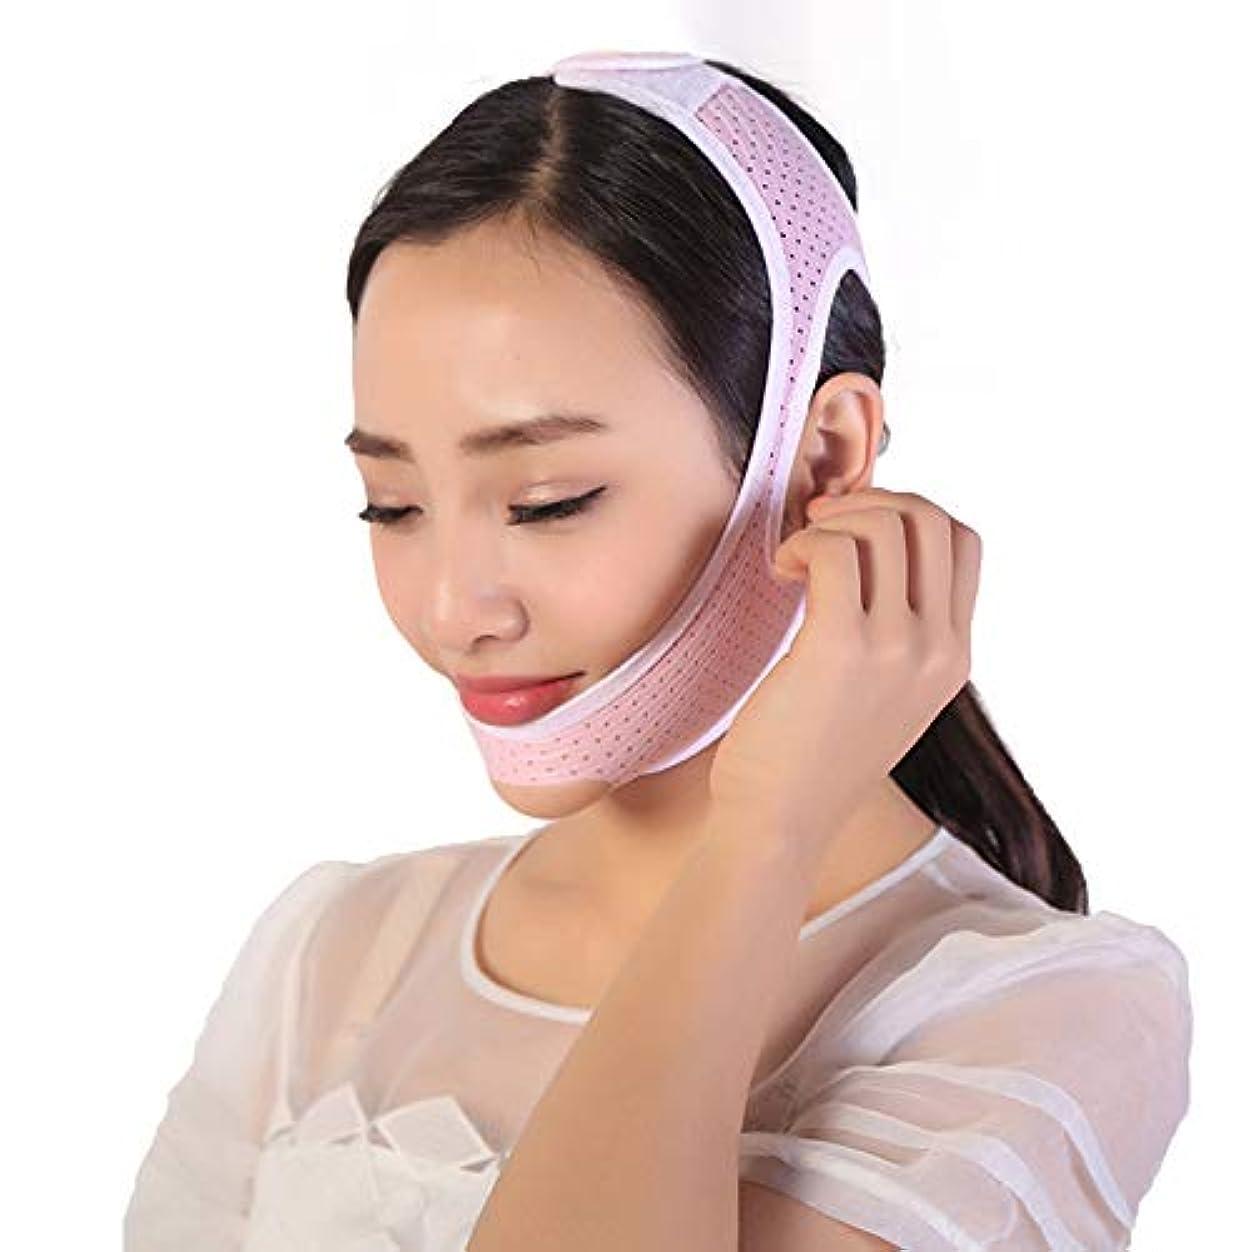 呼び起こす数アパートJia Jia- フェイシャルリフティングスリミングベルト - 薄型フェイス包帯ダブルチンデバイスフェイシャルマッサージアンチエイジングリンクルフェイスマスクベルト 顔面包帯 (サイズ さいず : L l)